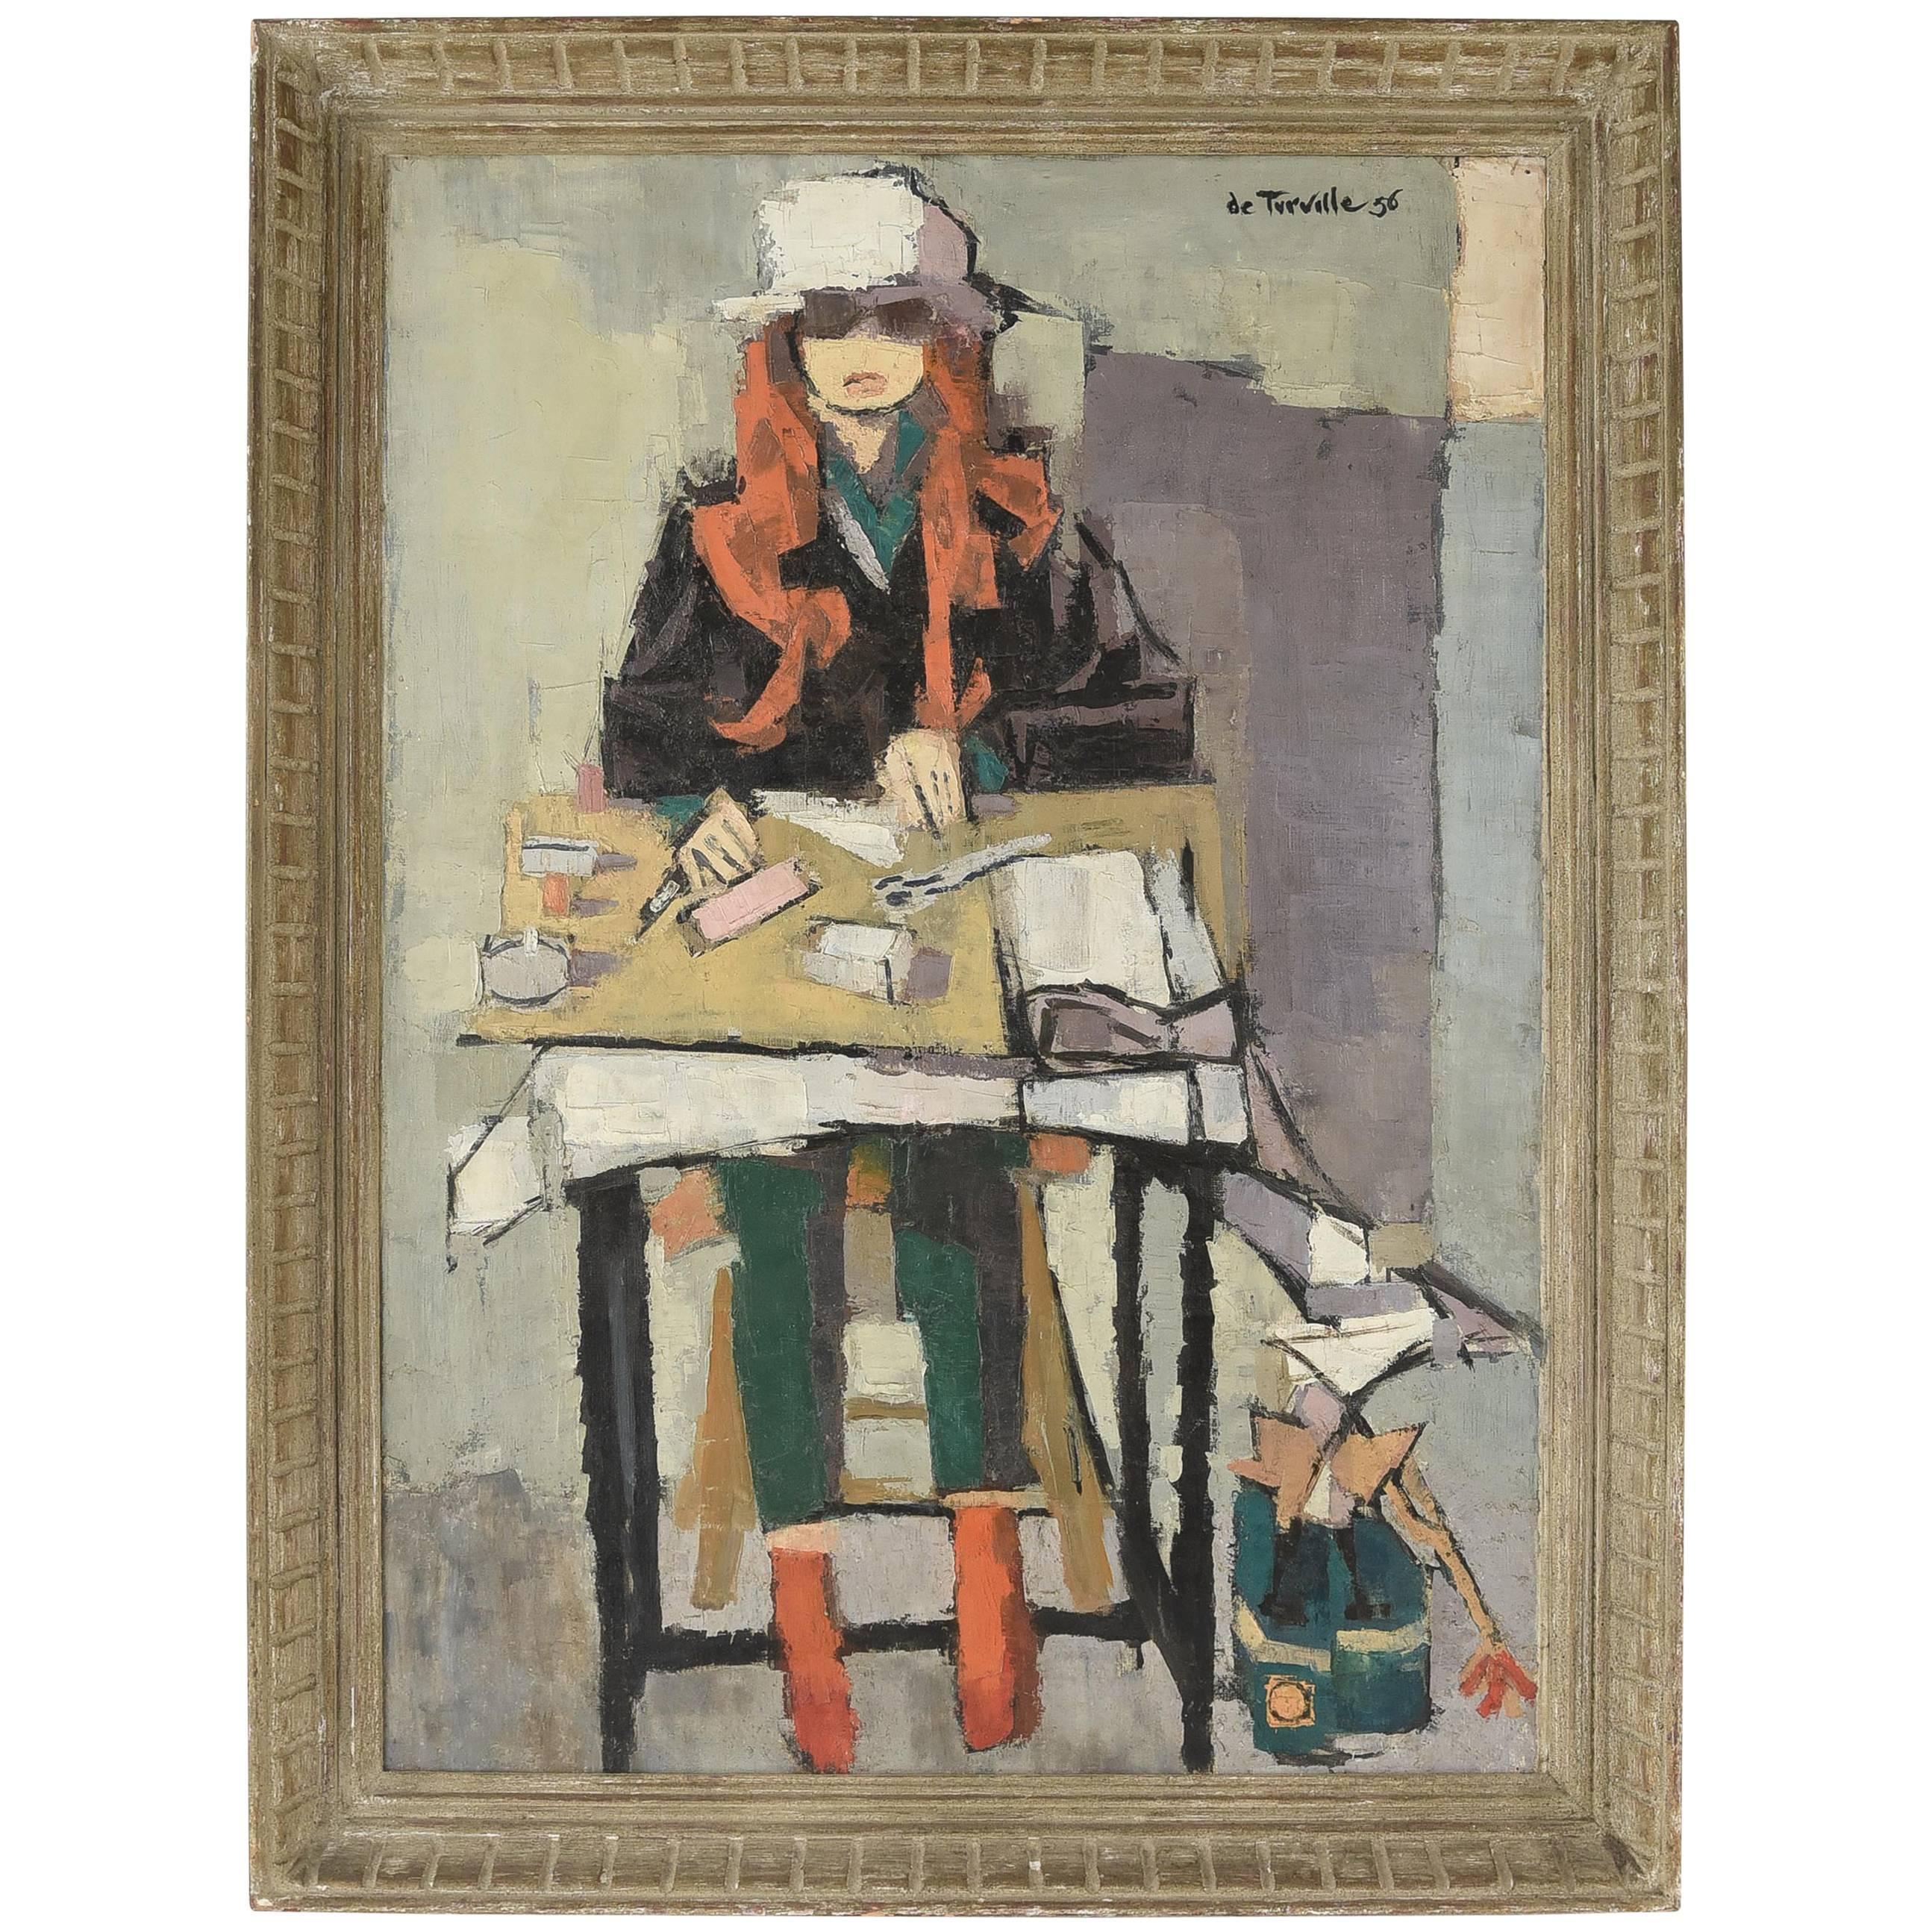 Serge de Turville Oil on Canvas